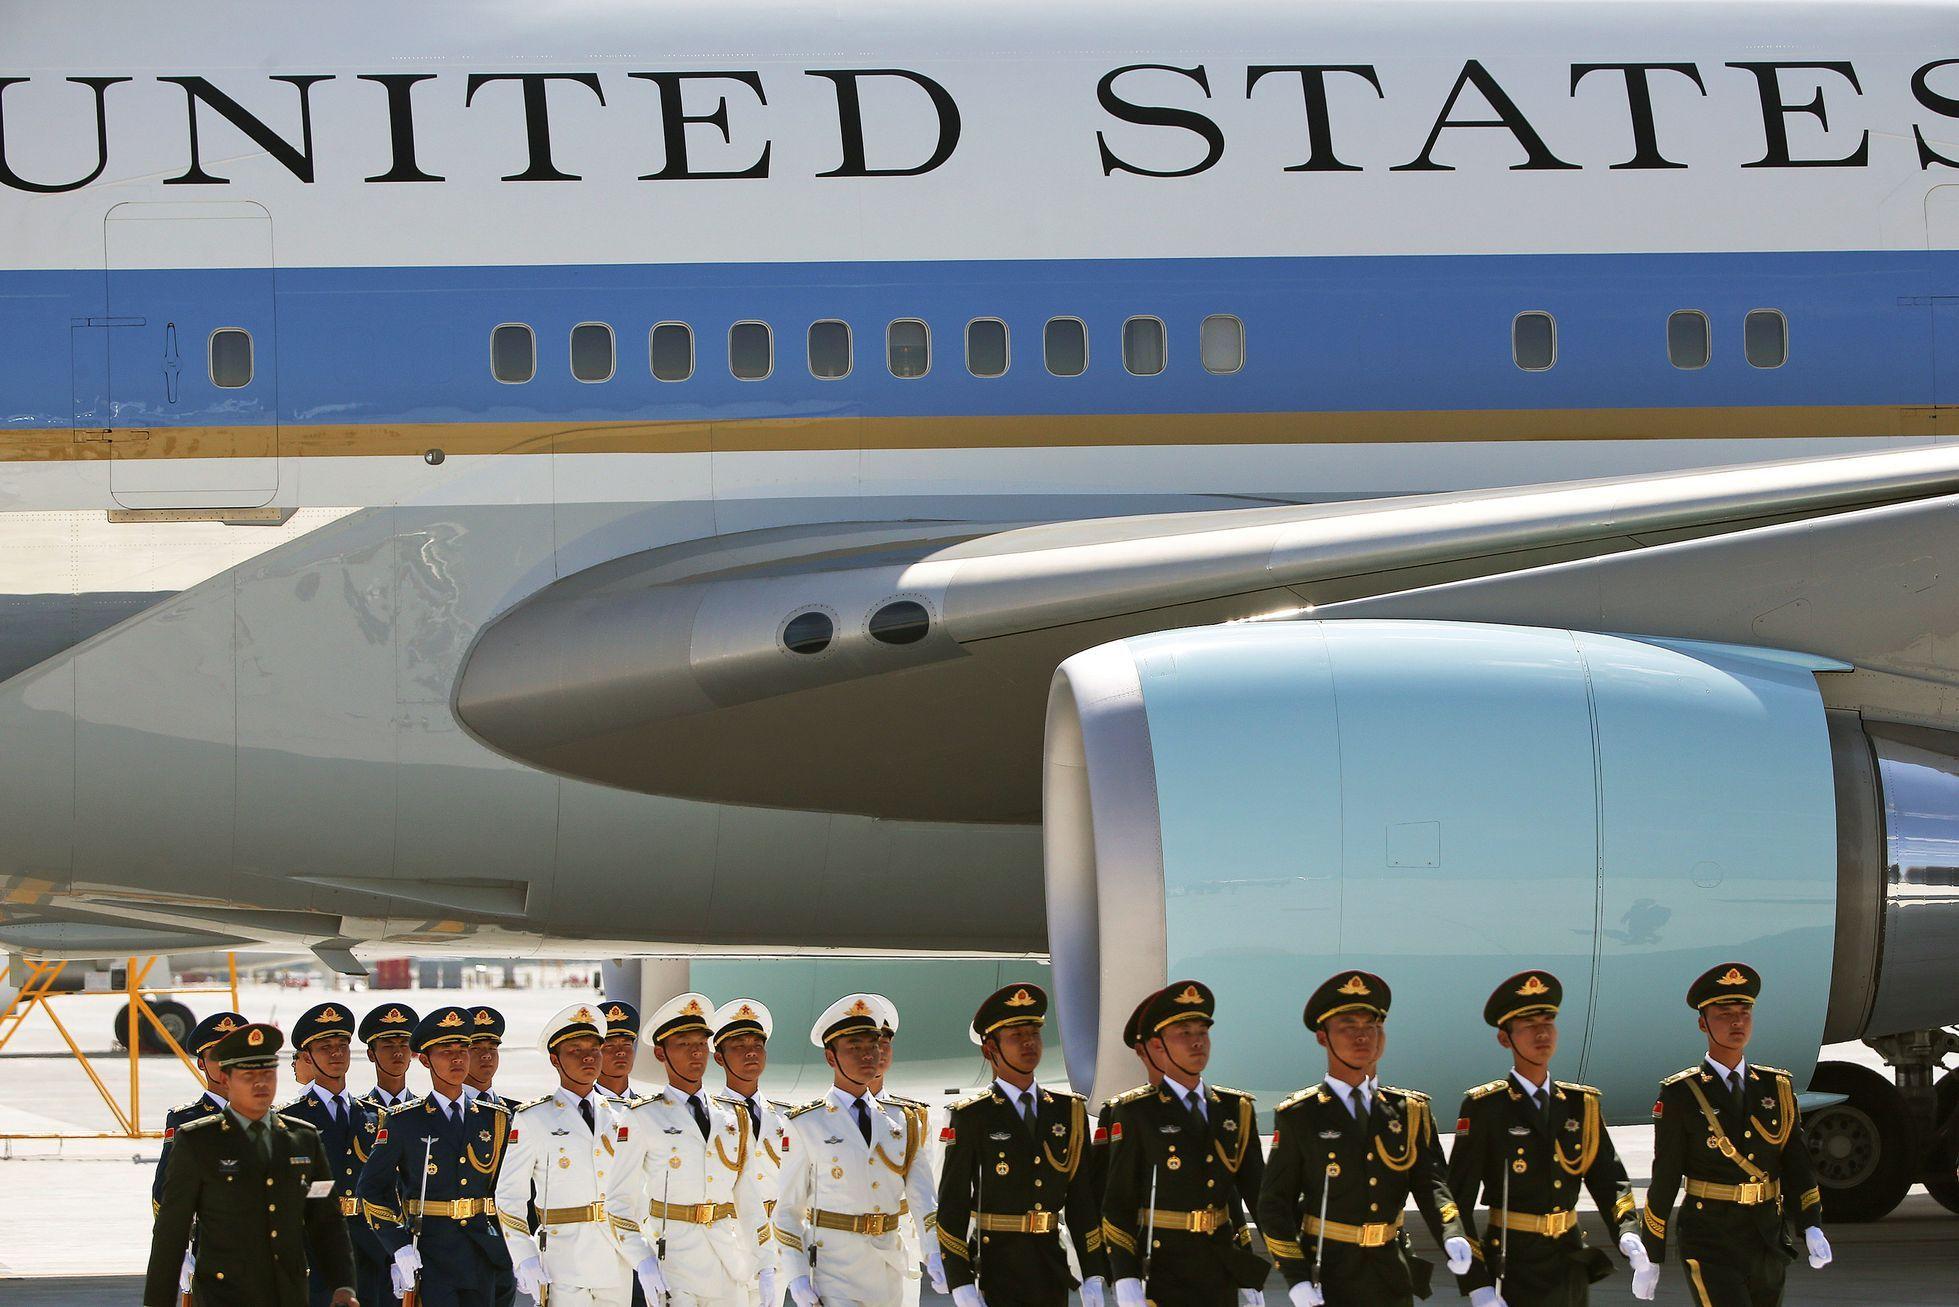 68513a0ffc5 Obamovi v Číně nepřistavili k letadlu schůdky. Je to naše země! křičel  čínský agent - Aktuálně.cz